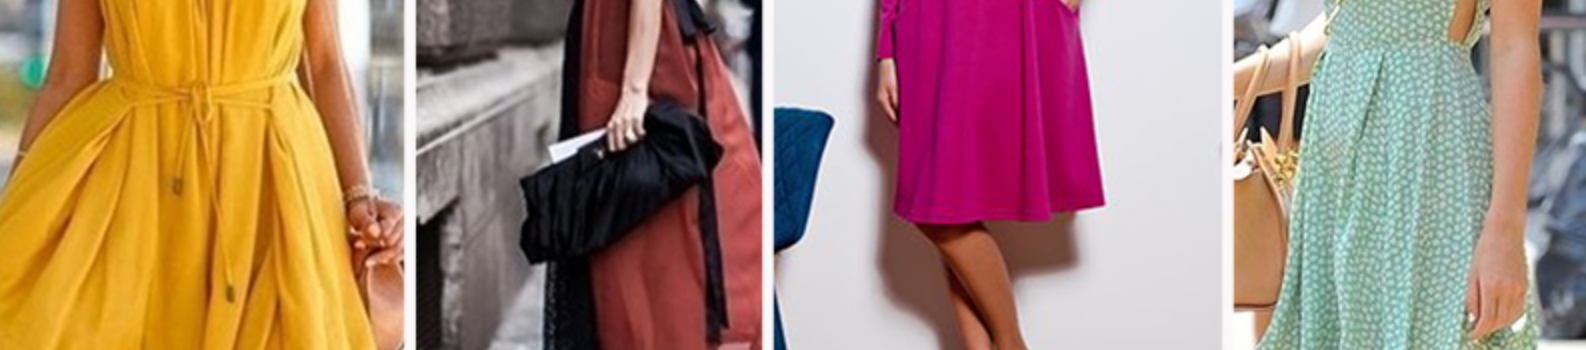 Виды платьев — тренды сезона